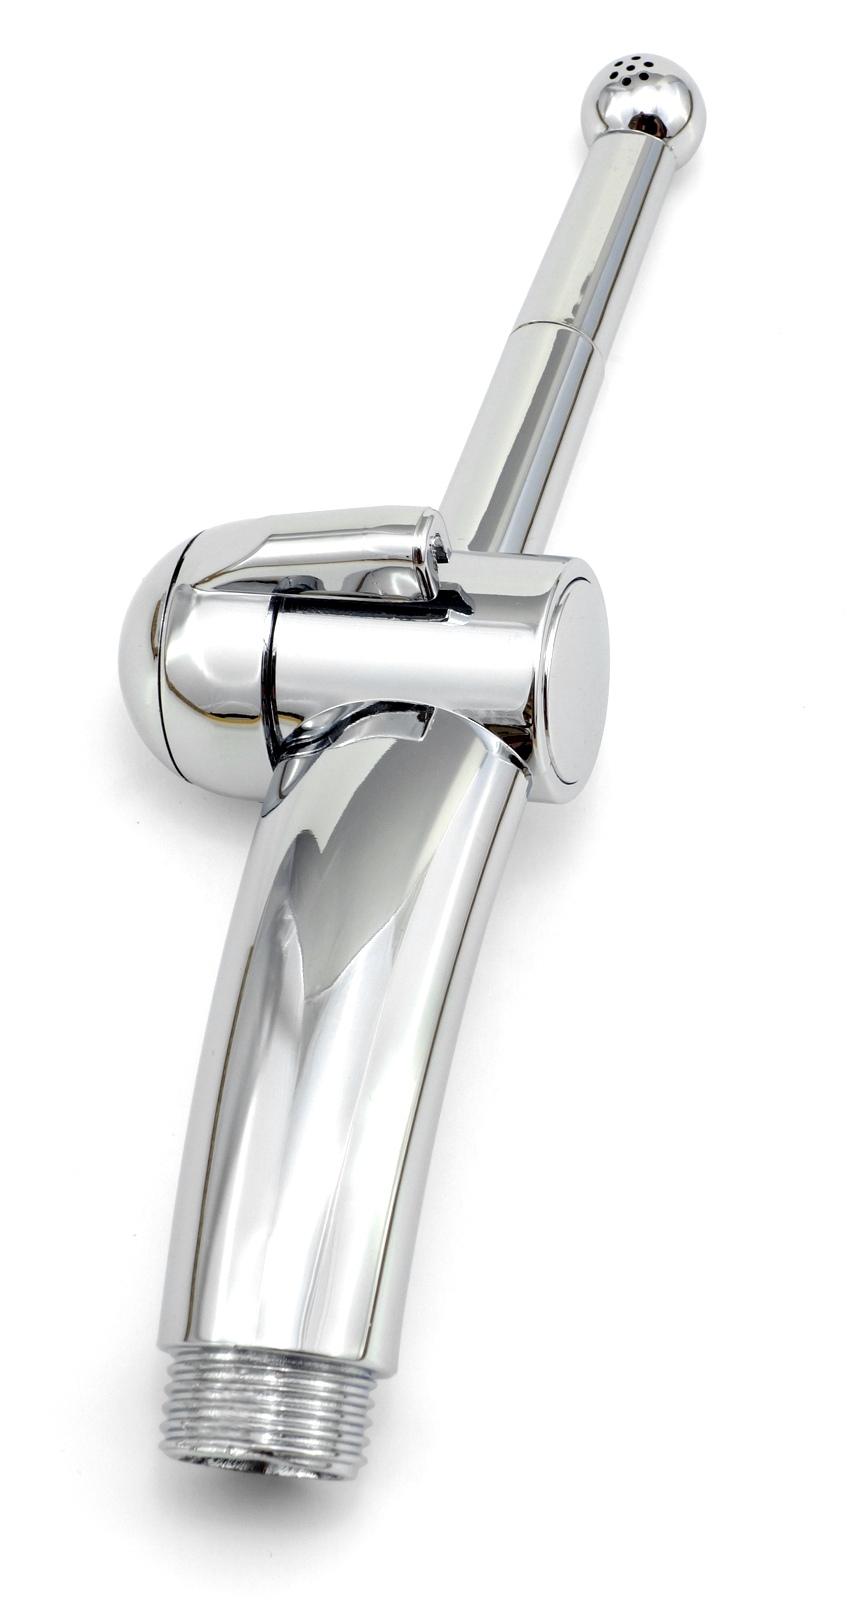 Anální/vaginální sprcha (nástavec na sprchovou hadici)